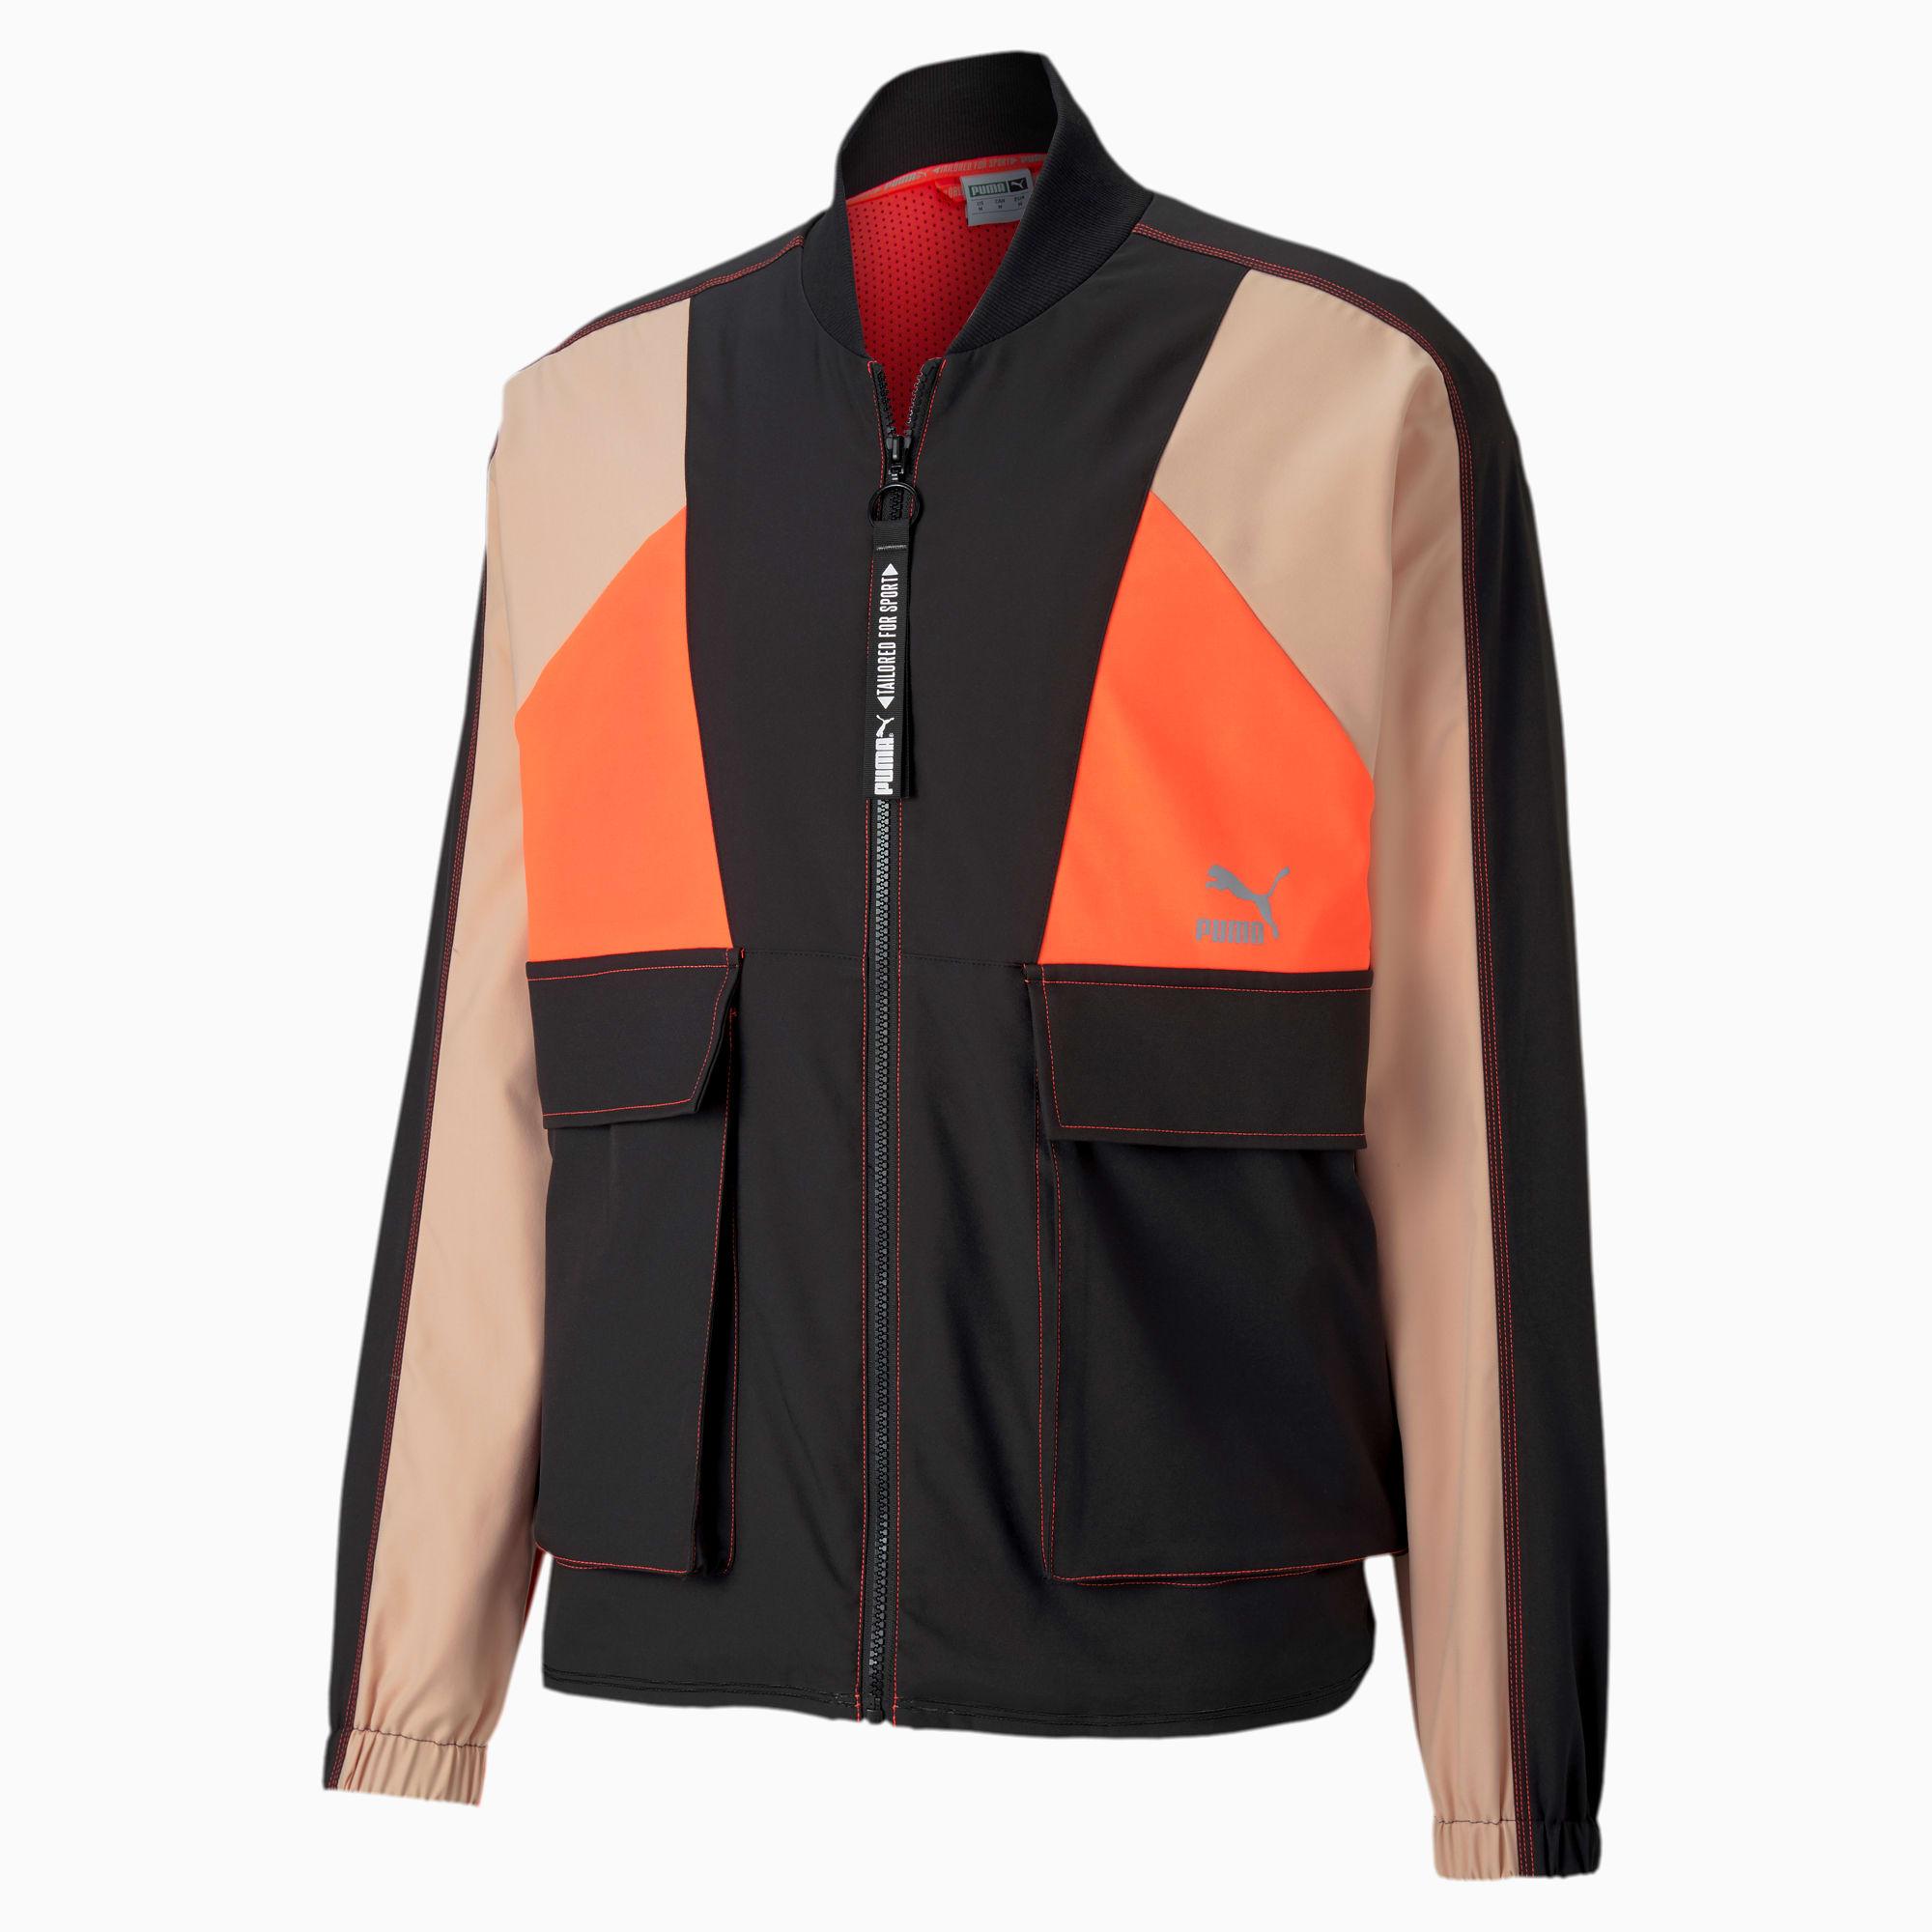 PUMA Blouson de survêtement Tailored for Sport Industrial pour Homme, Noir, Taille L, Vêtements